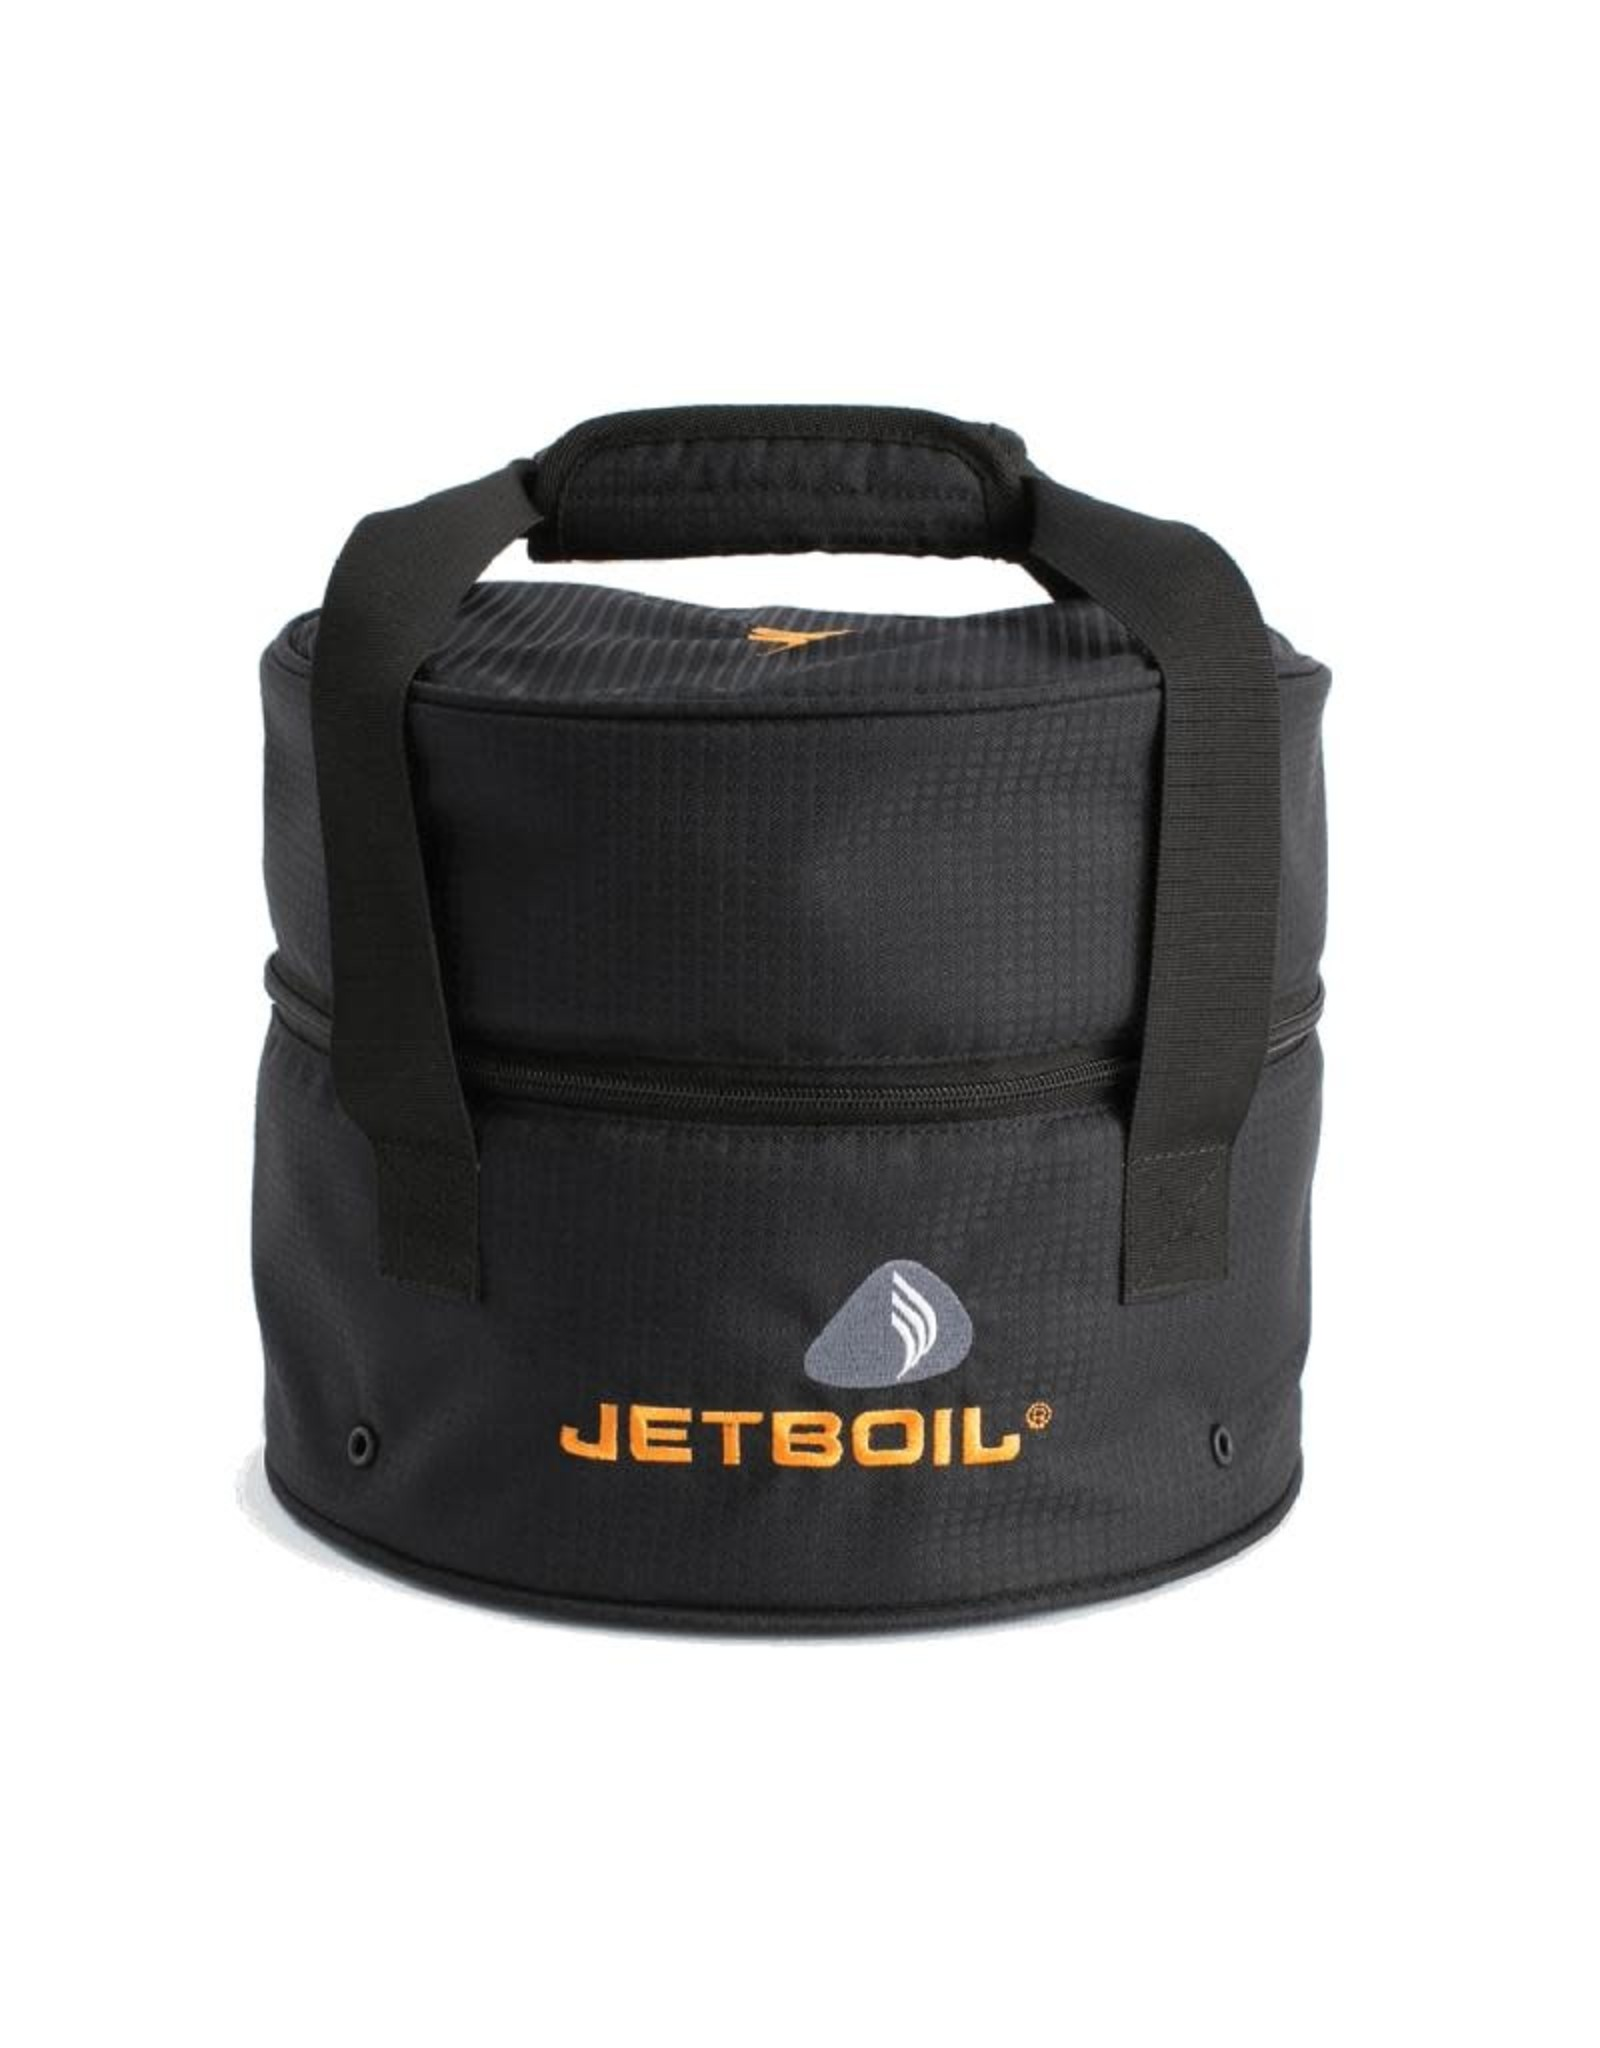 Jetboil Genesis Stove